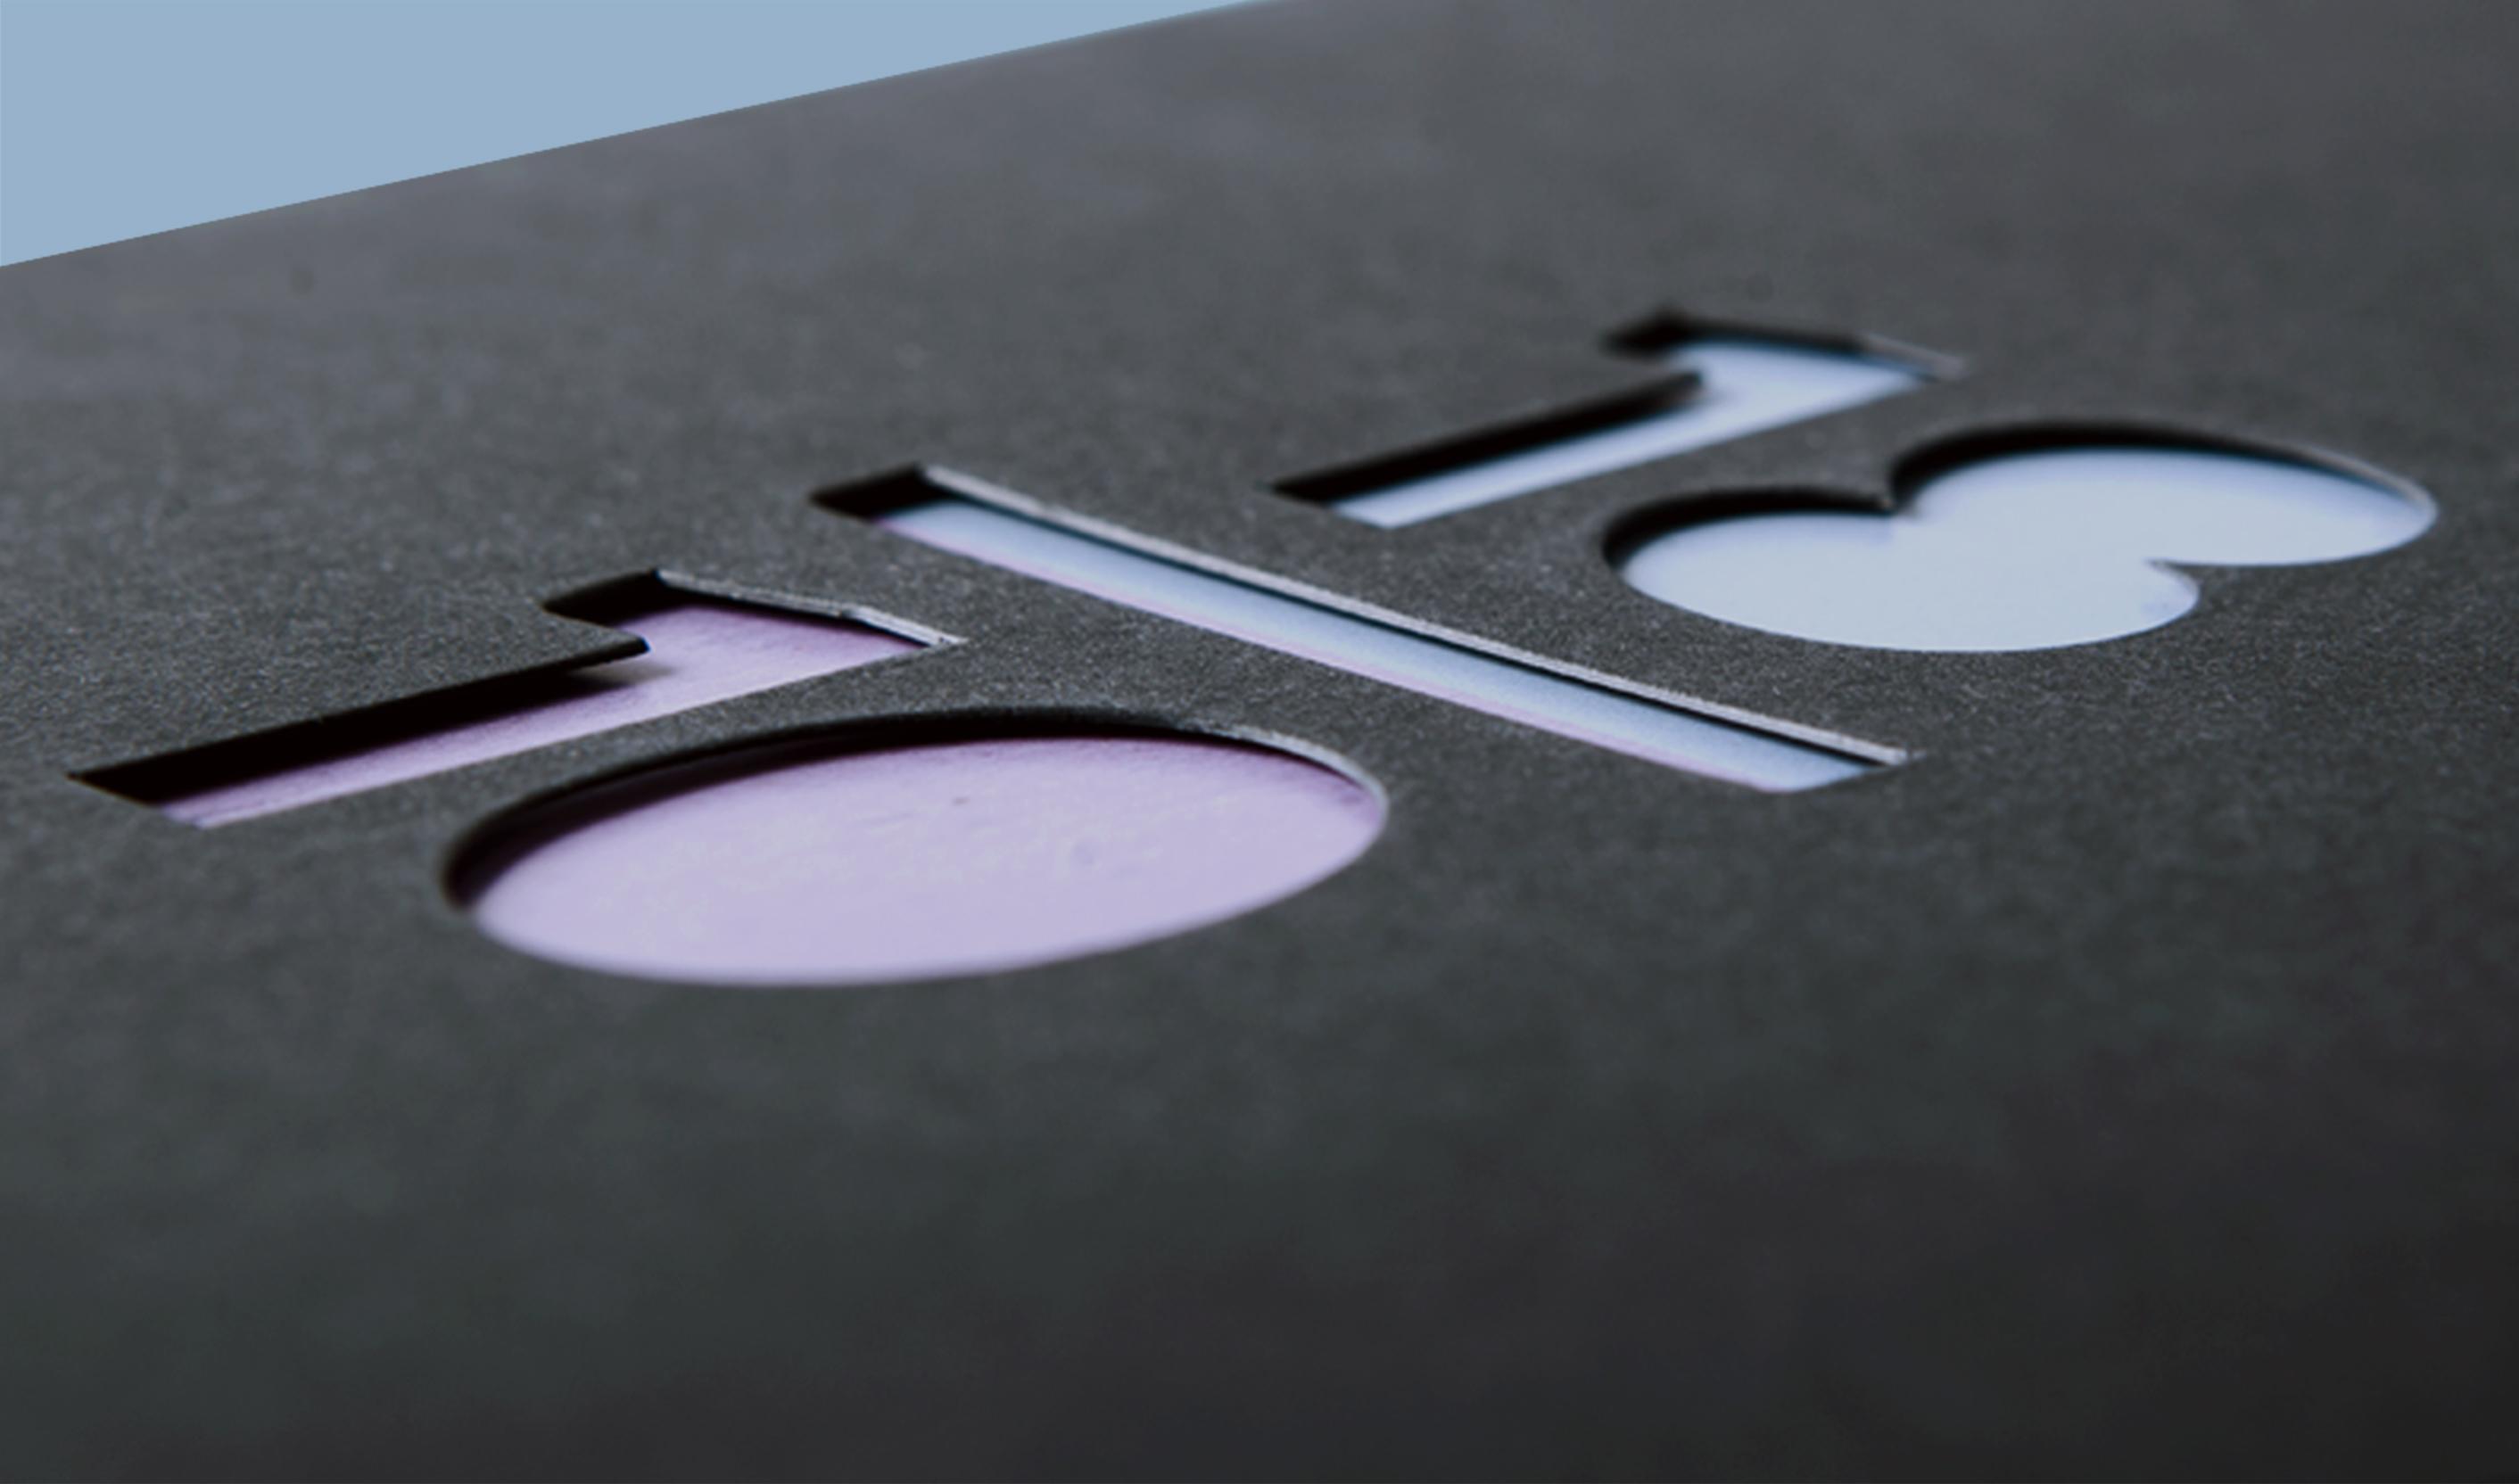 Dettaglio della fustellatura in copertina